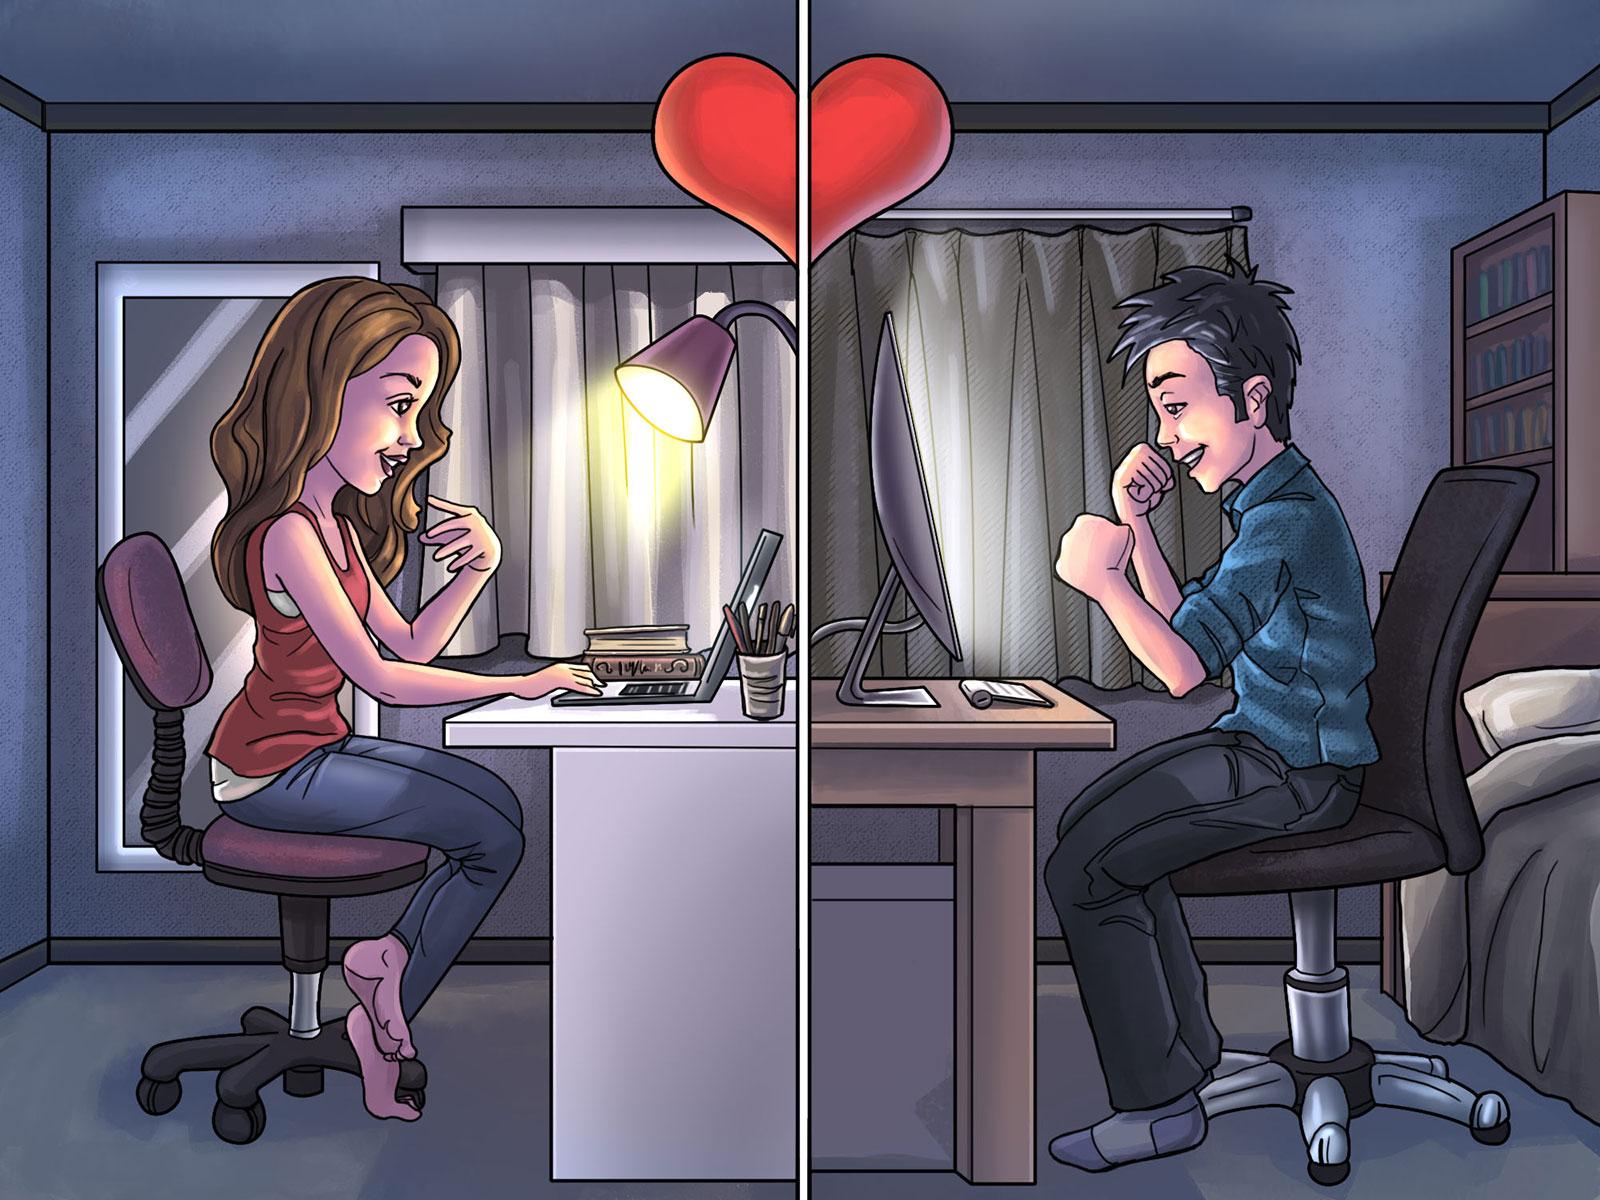 Τεχνολογία σχέσεις: Πώς επηρεάζει η τεχνολογία την σεξουαλικότητα